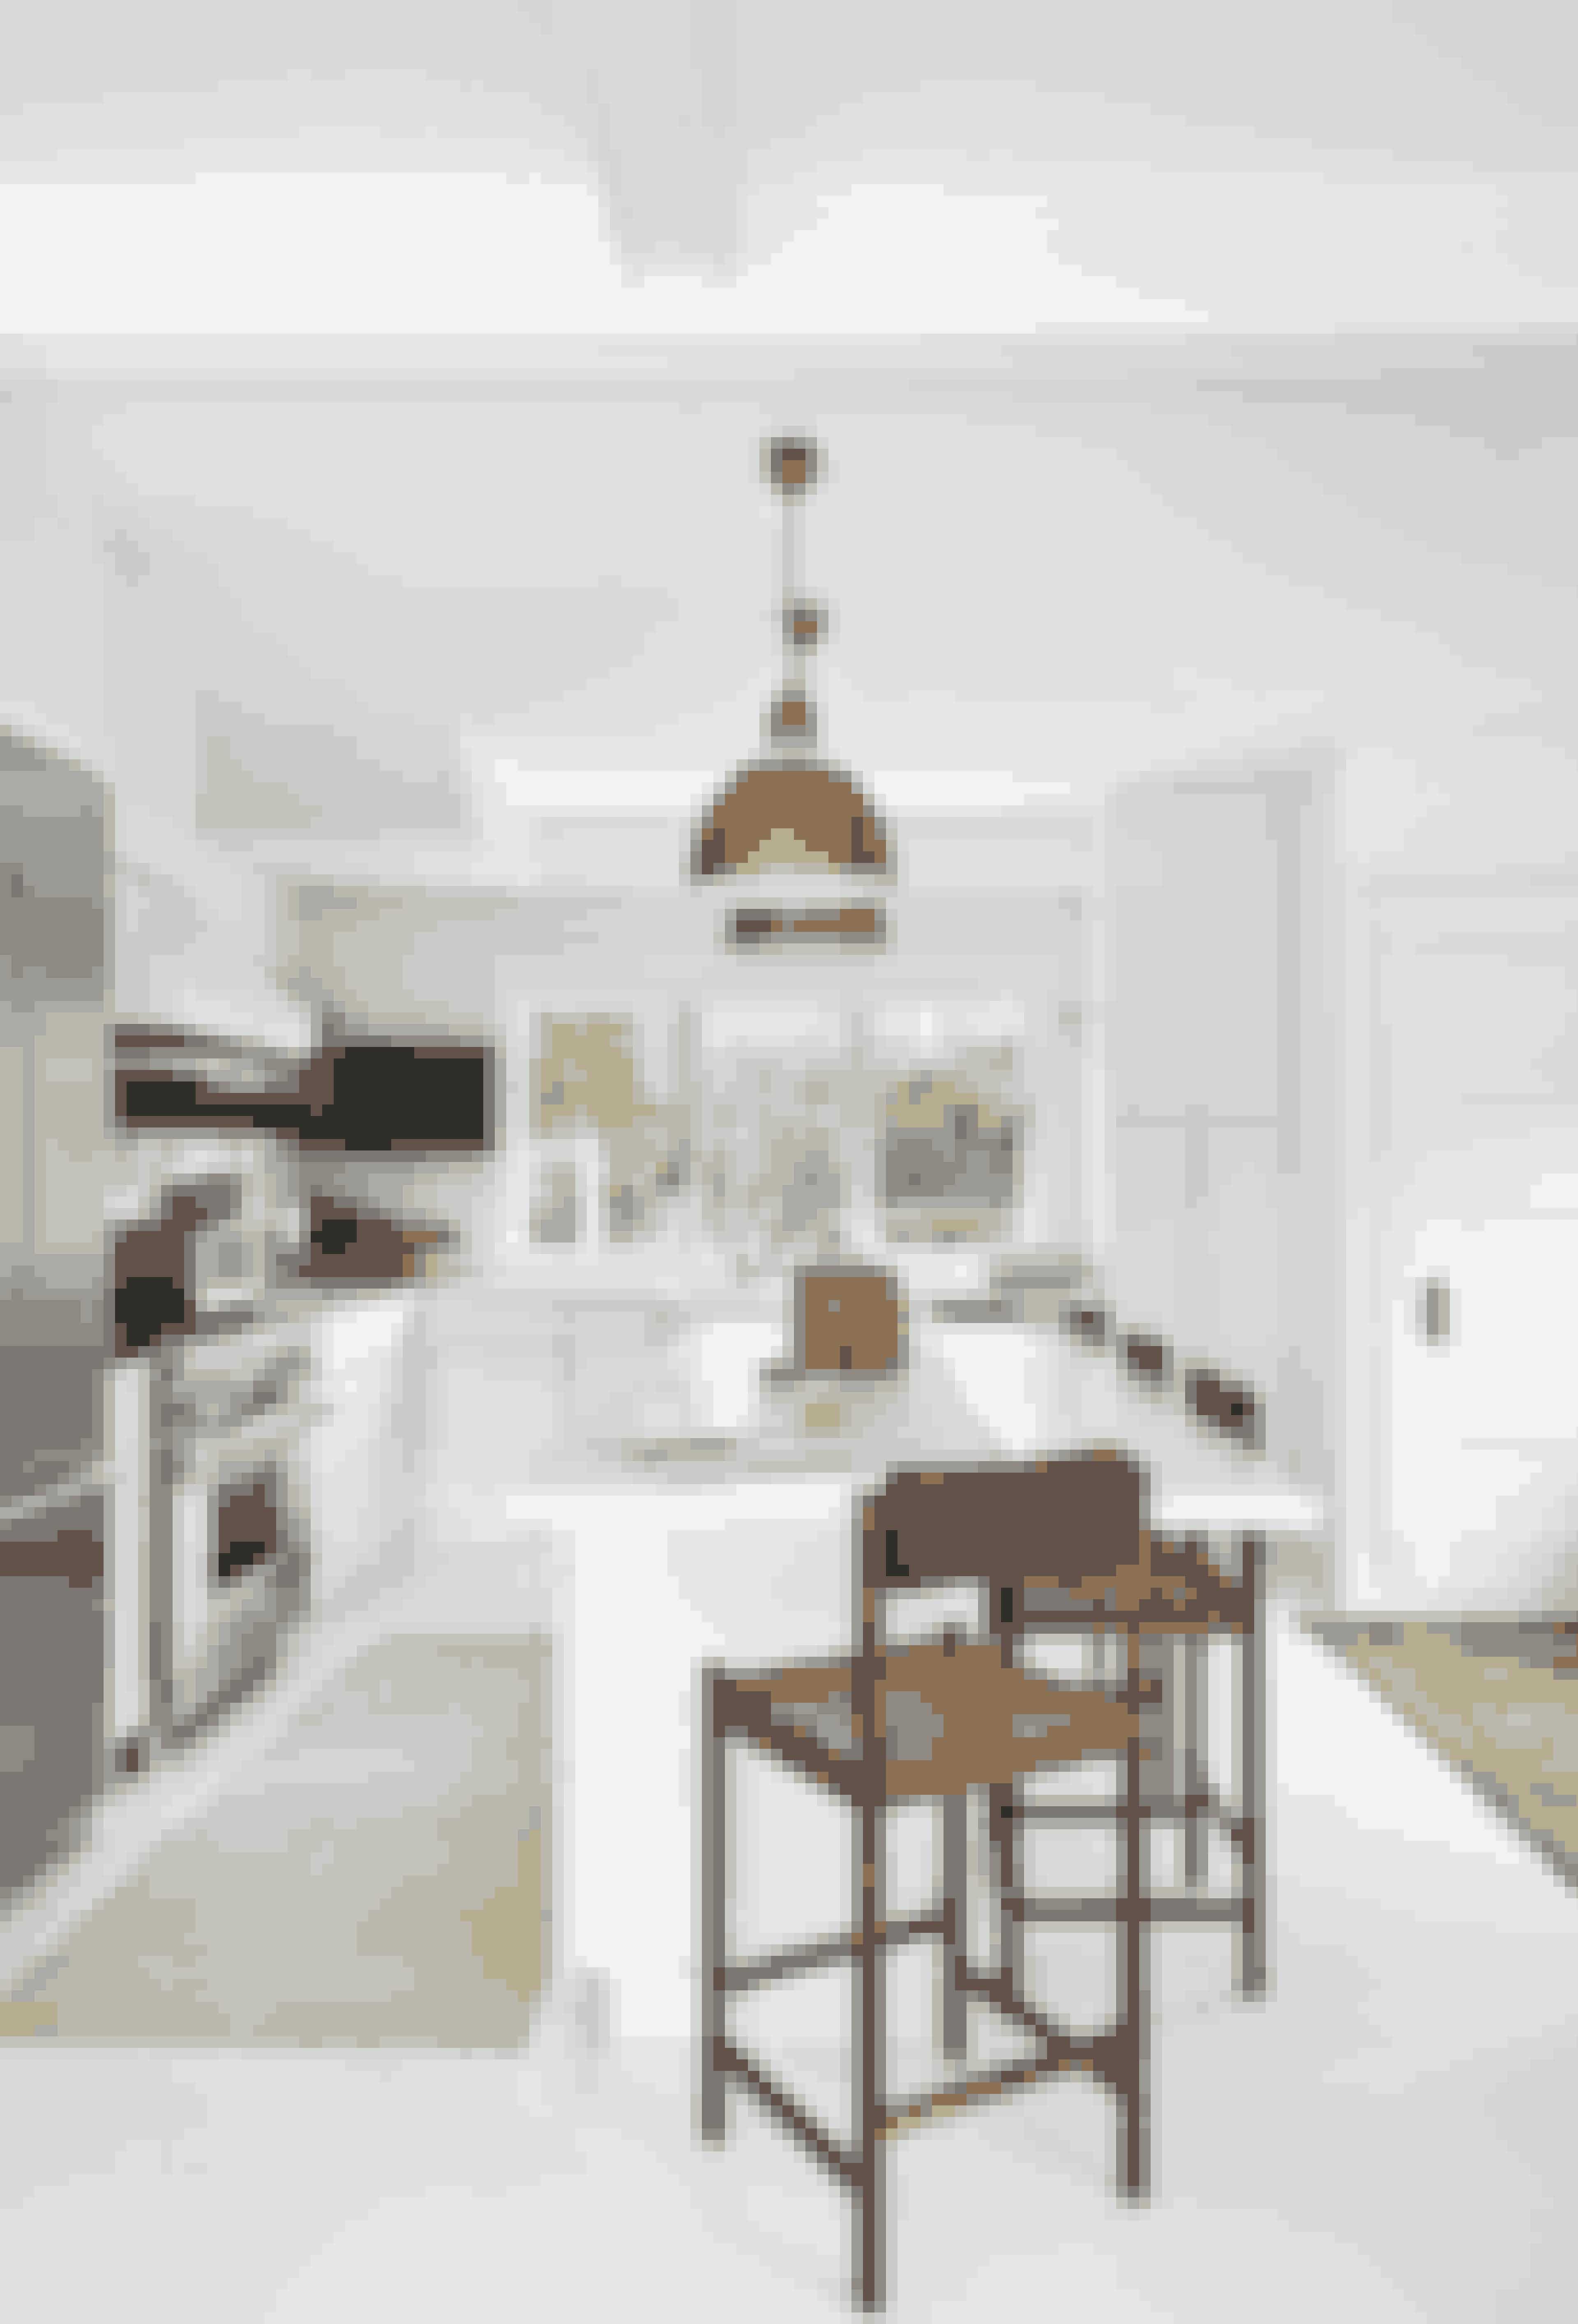 Brug materialer som ulakeret messing, hvidt læder, marmor og mørkt træ, som spiller godt sammen og understøtter et enkelt, sofistikeret udtryk. Køkkenet er designet af indretningsfirmaet Space V & T. Barstole er fra Thomas Hayes Gallery. Loftslamper er fra Nickey Kehoe, og det marokkanske tæppe er vintage og købt hos Rugs & Art.